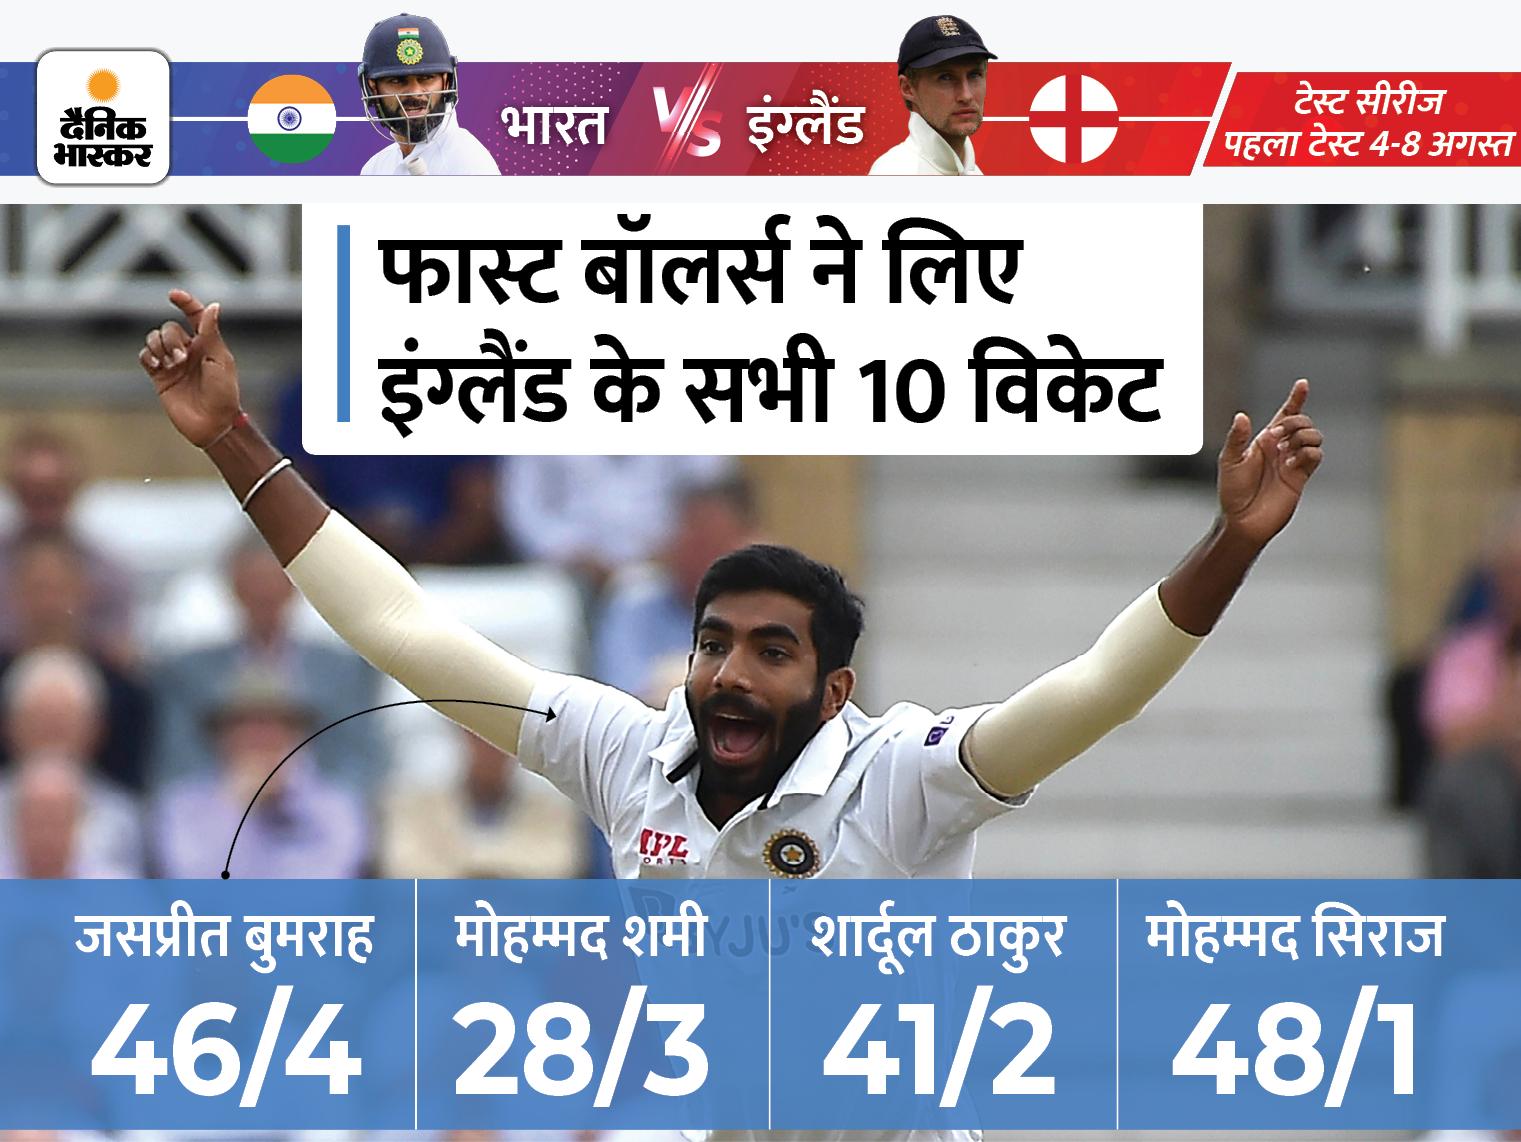 इंग्लैंड पहली पारी में 183 रन पर ऑलआउट, जसप्रीत बुमराह ने 4 विकेट लिए; पहले दिन स्टंप्स तक भारत 21/0|क्रिकेट,Cricket - Dainik Bhaskar